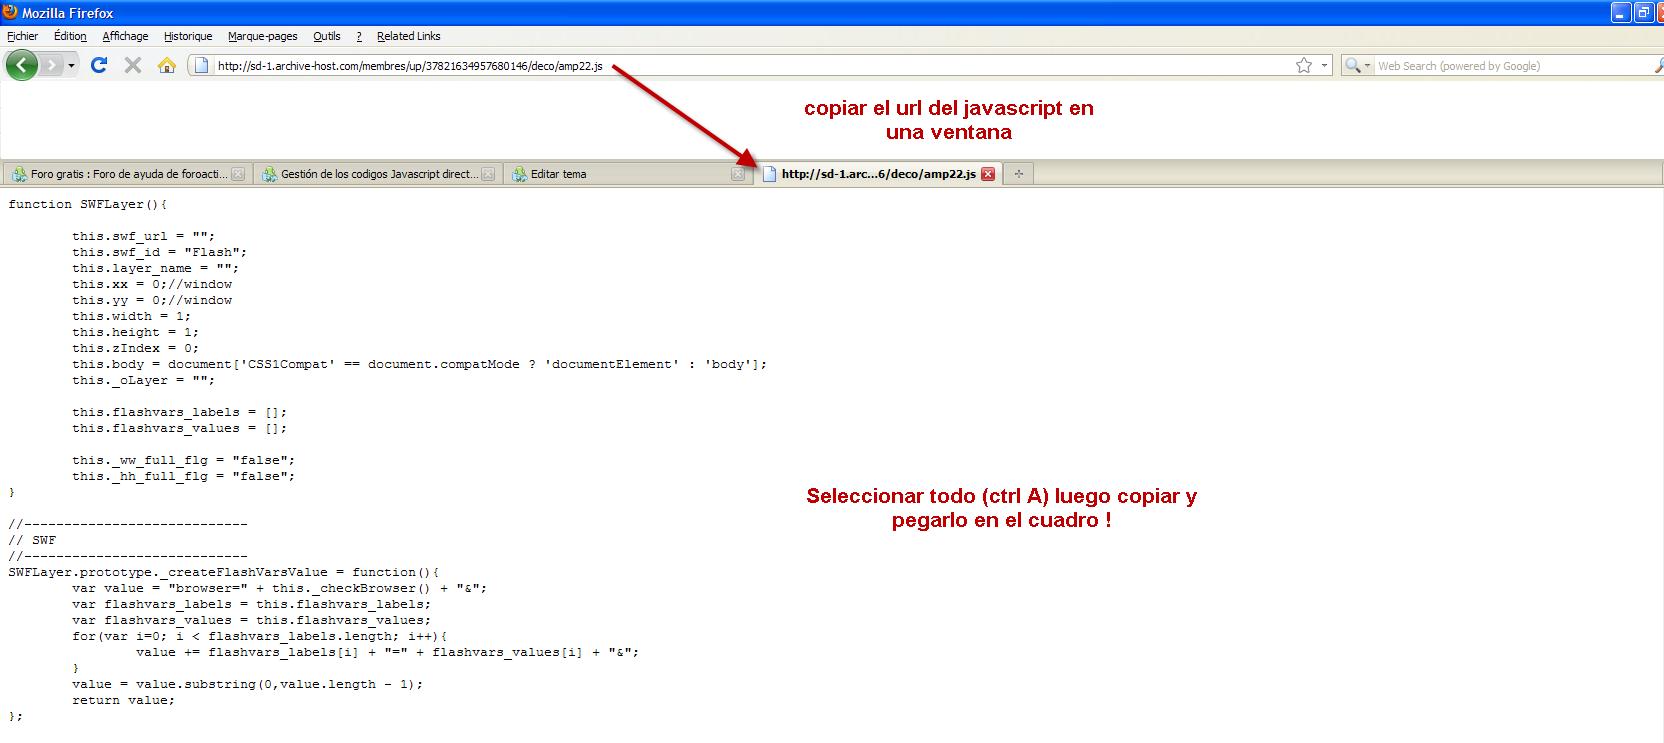 Gestión de los codigos Javascript directamente dentro del PA Jvs20010